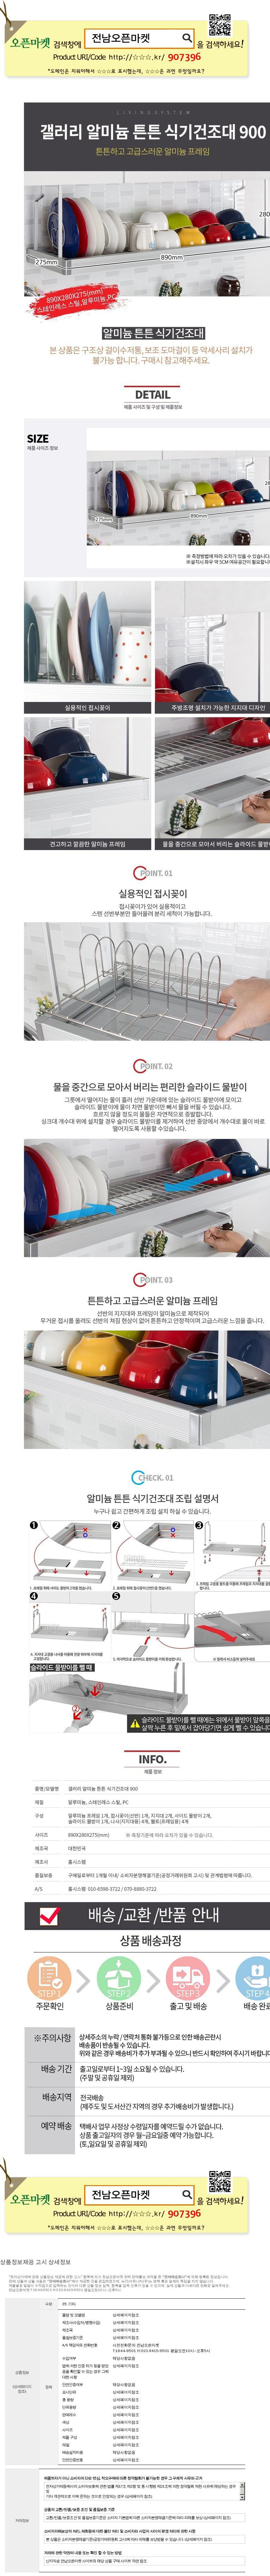 전남오픈마켓 상품 상세이미지1